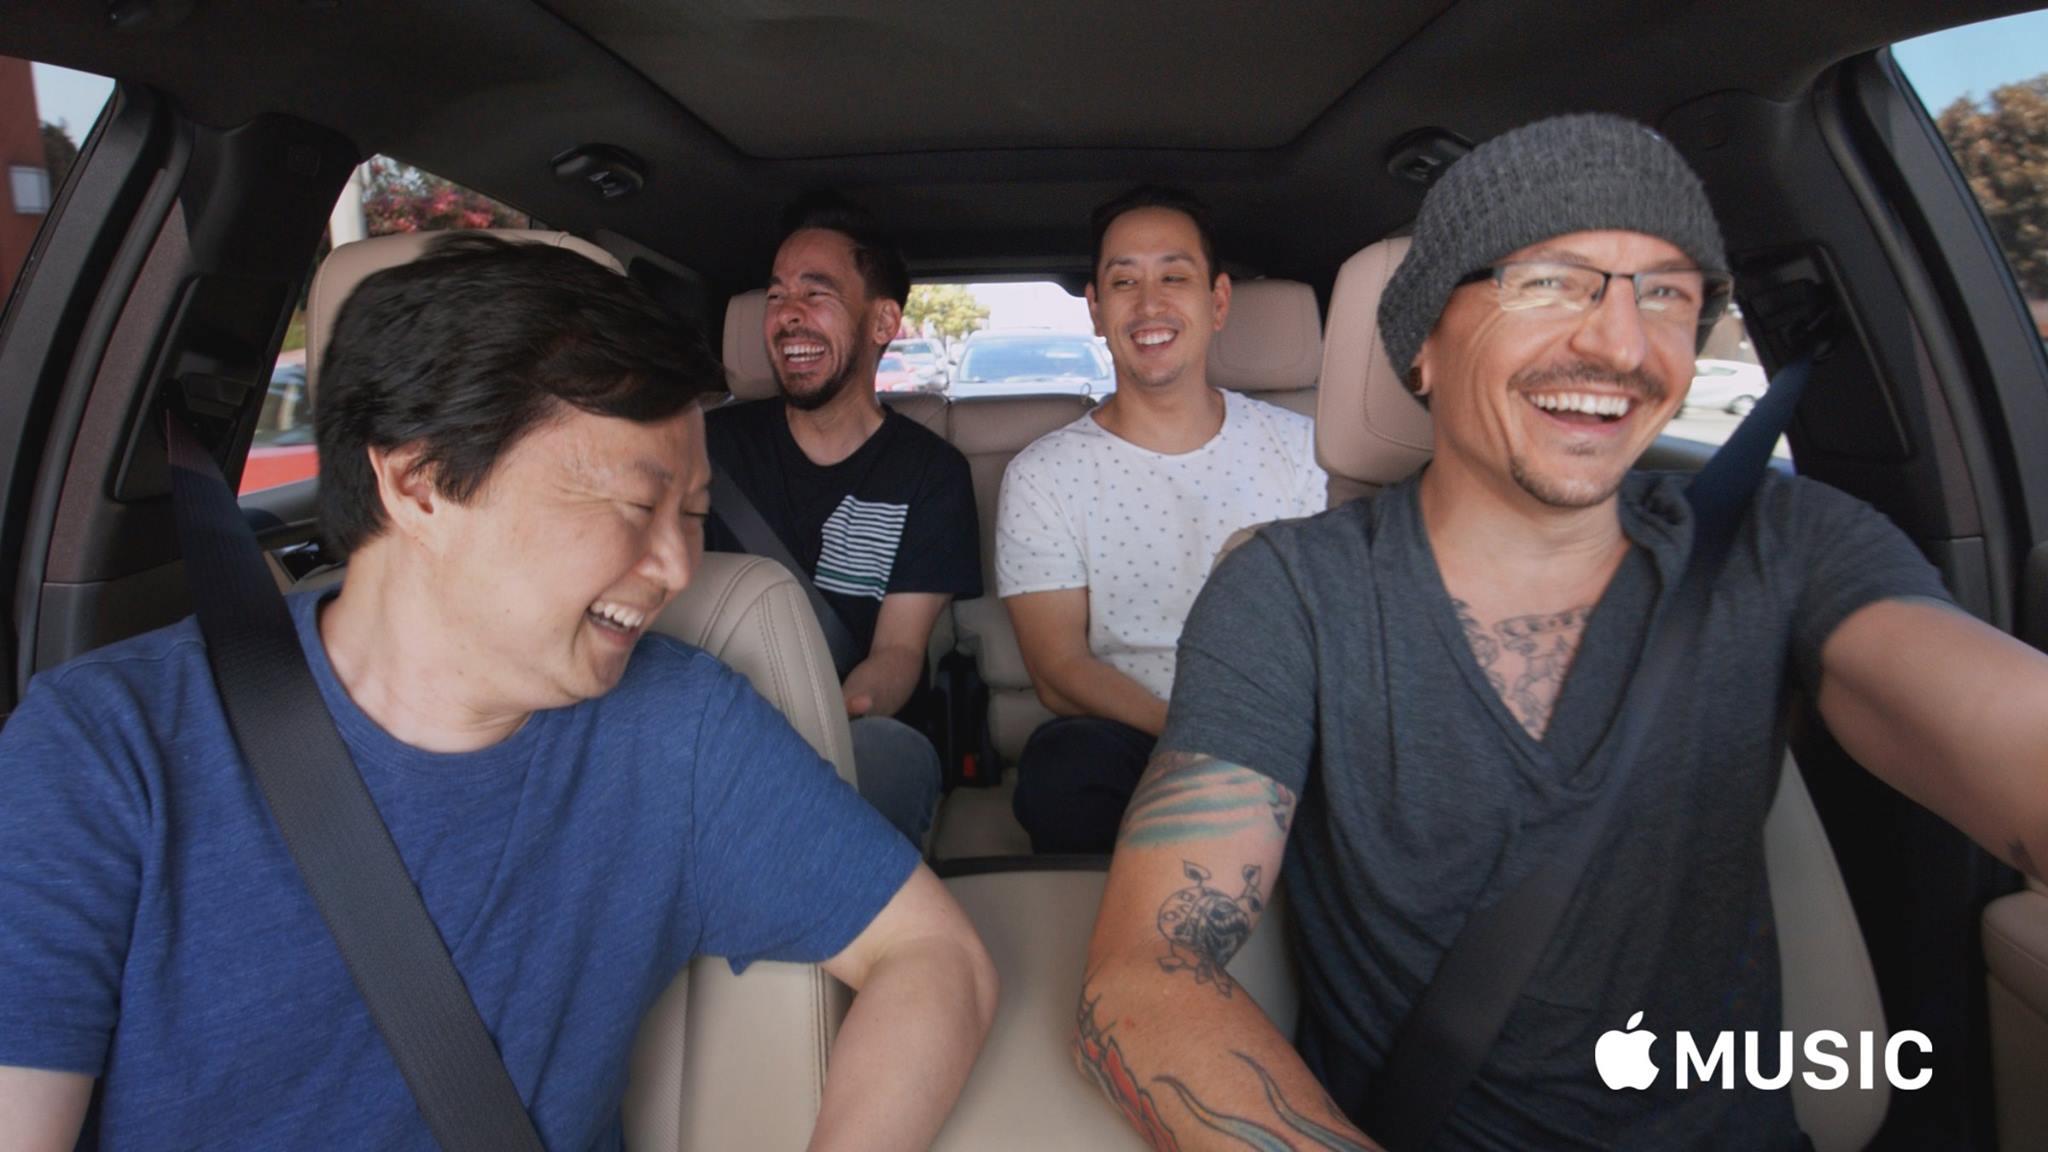 Nyilvánosan megtekinthető lesz a Linkin Park közreműködésével forgatott Carpool Karaoke